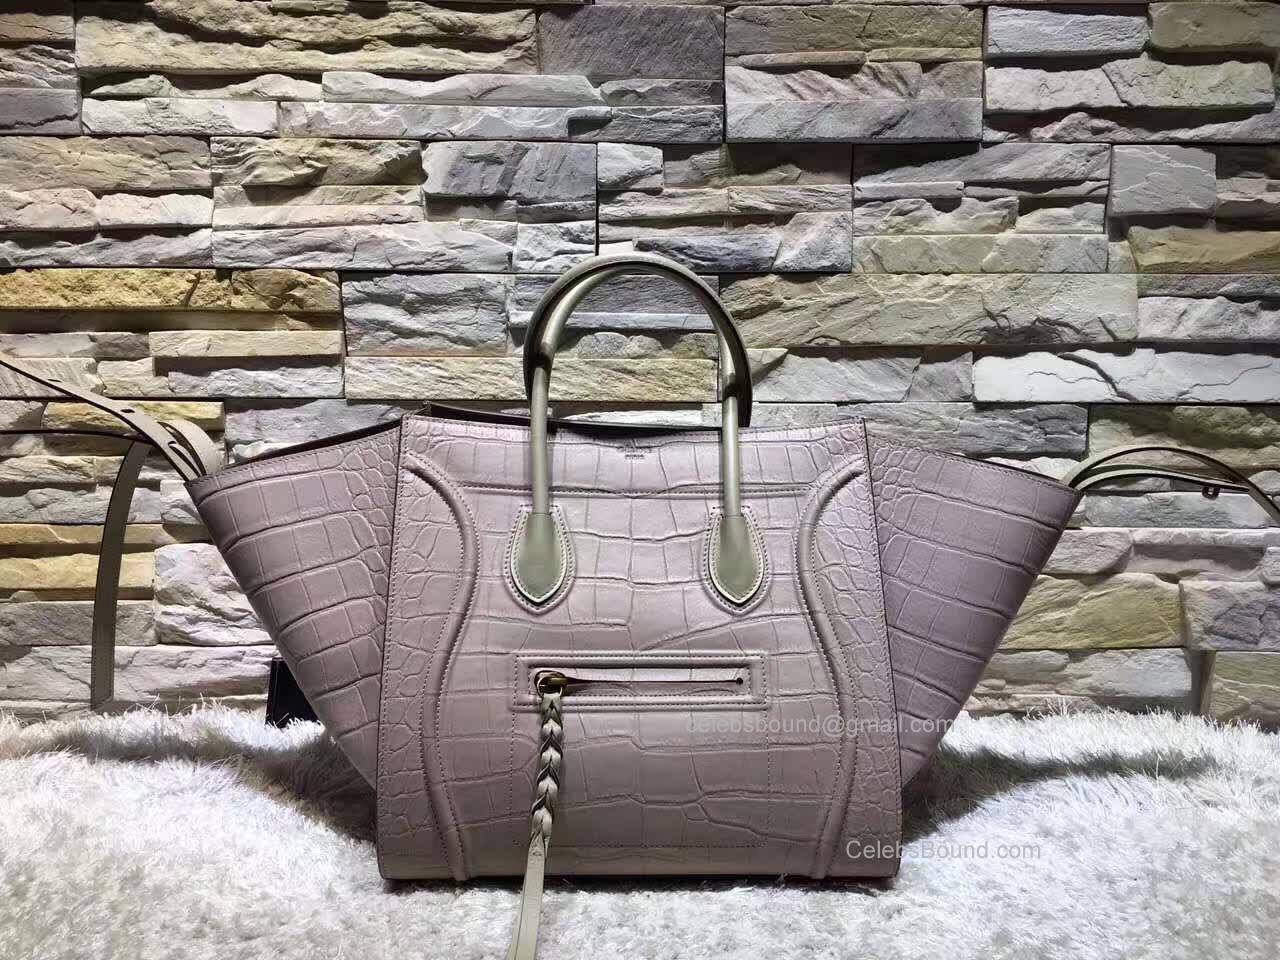 0bd0189ef426 Replica Celine Medium Luggage Phantom Tote Bag in Multicolor Grey Crocodile  Calfskin